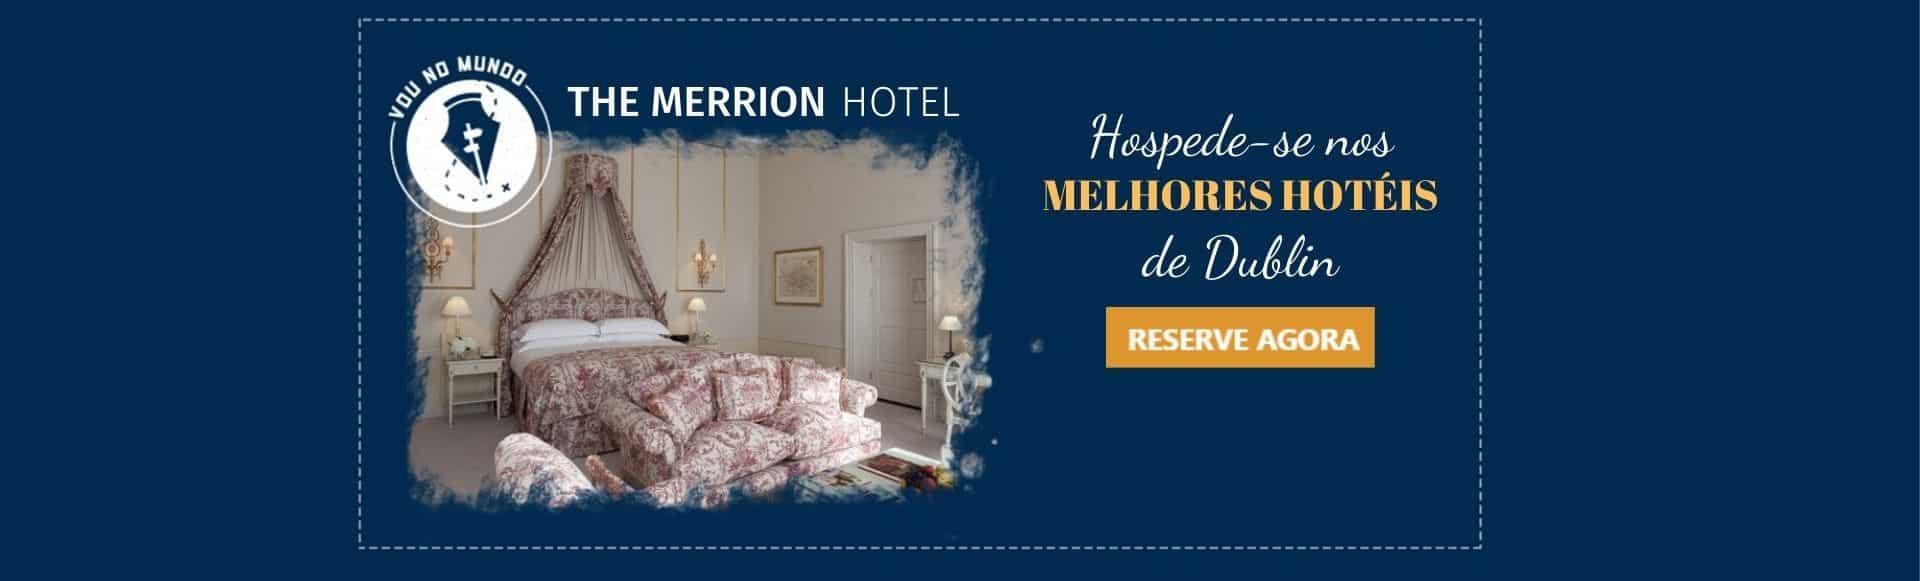 The Merrion Hotel em Dublin